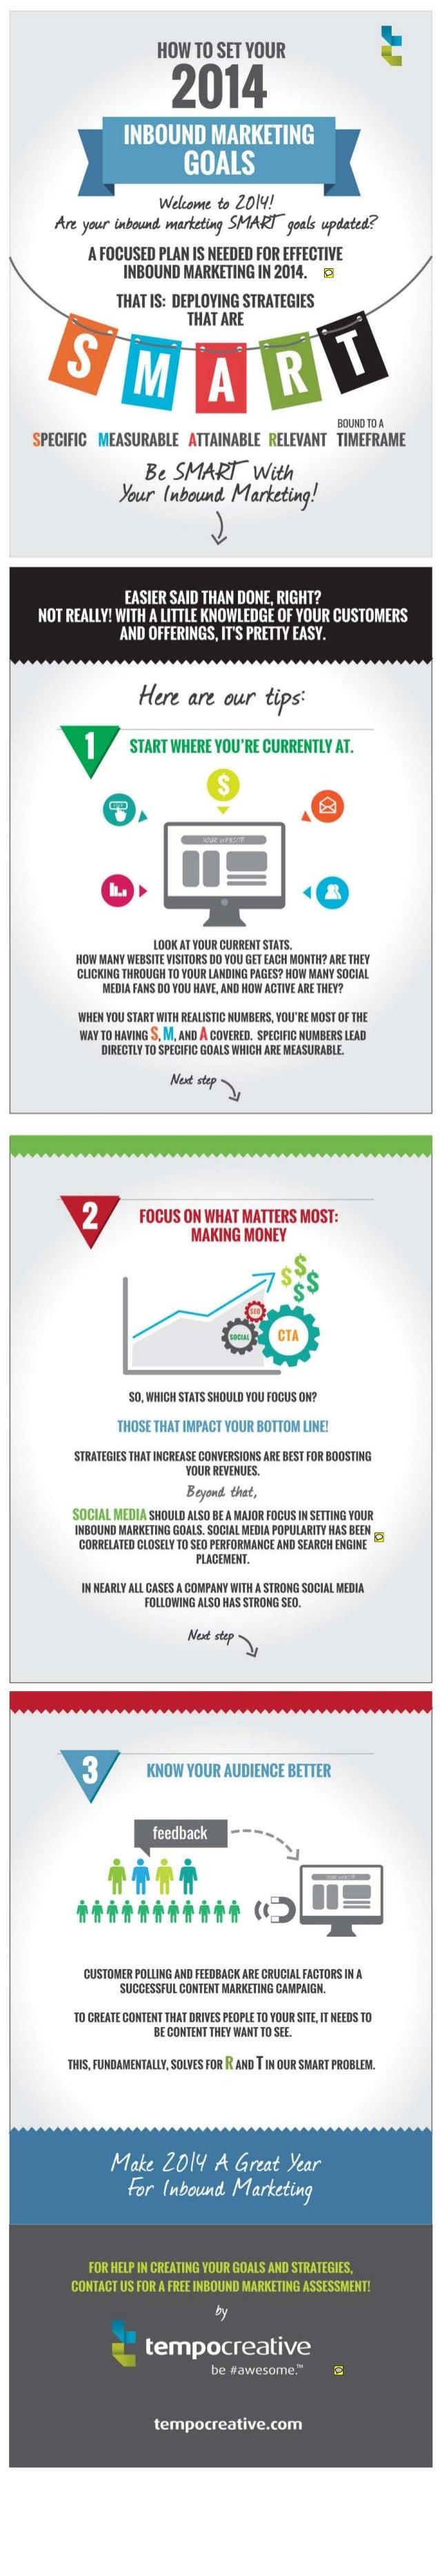 SMART Inbound Marketing Goals